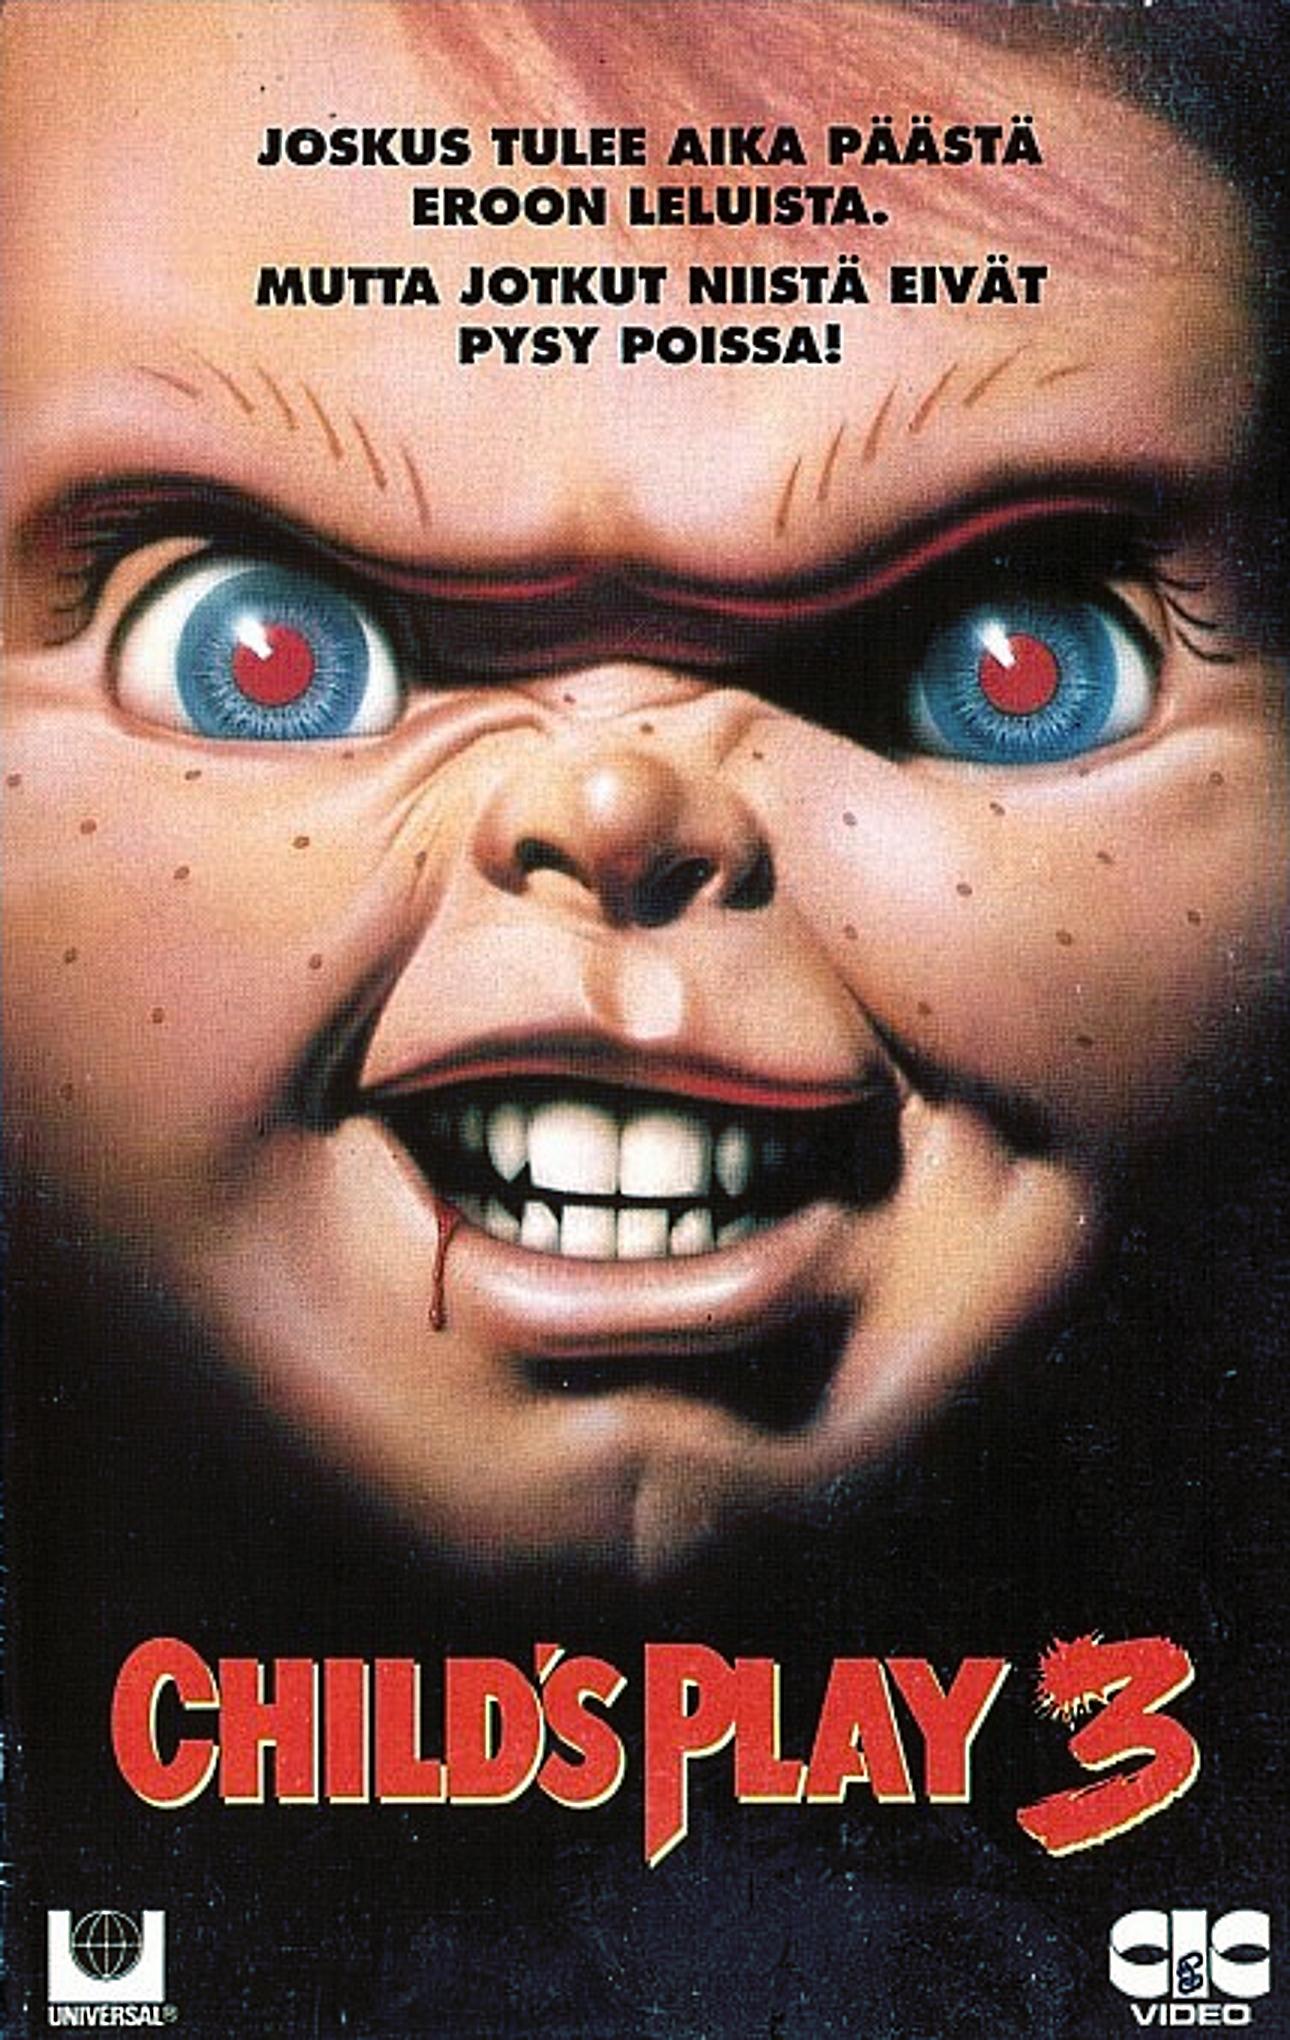 la bambola assassina 3 youtube film completo